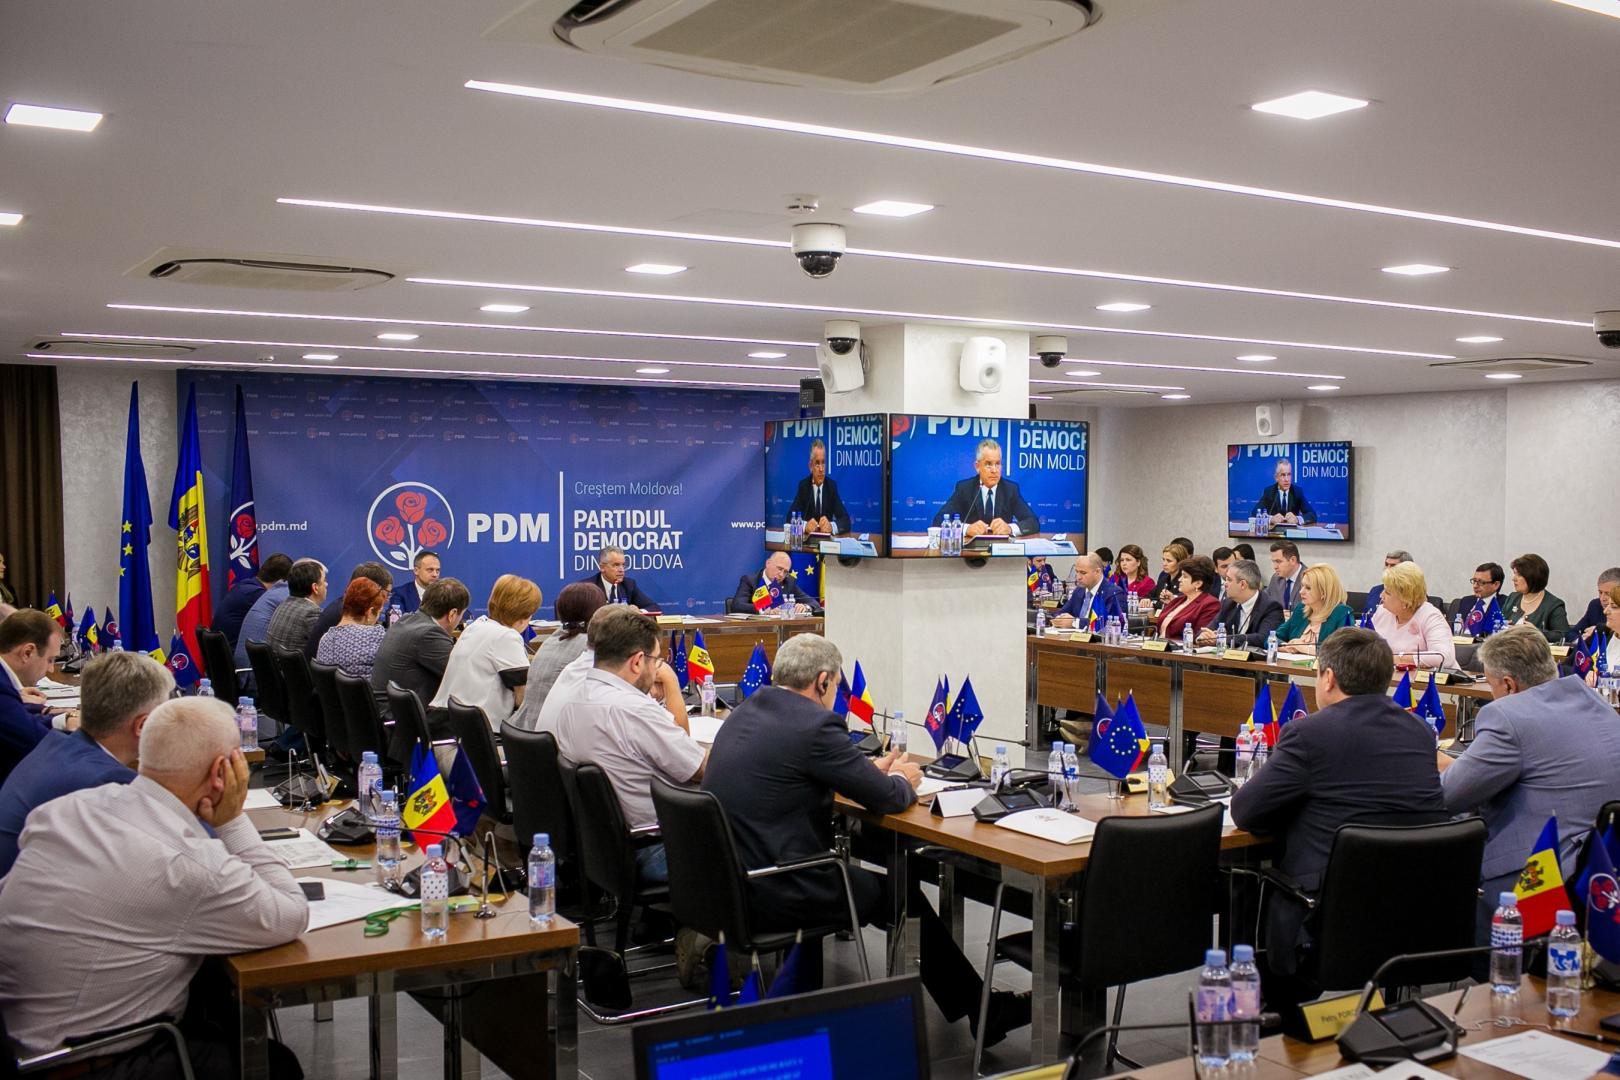 Liderii PDM vor declanșarea unor acțiuni de stradă anti-europene